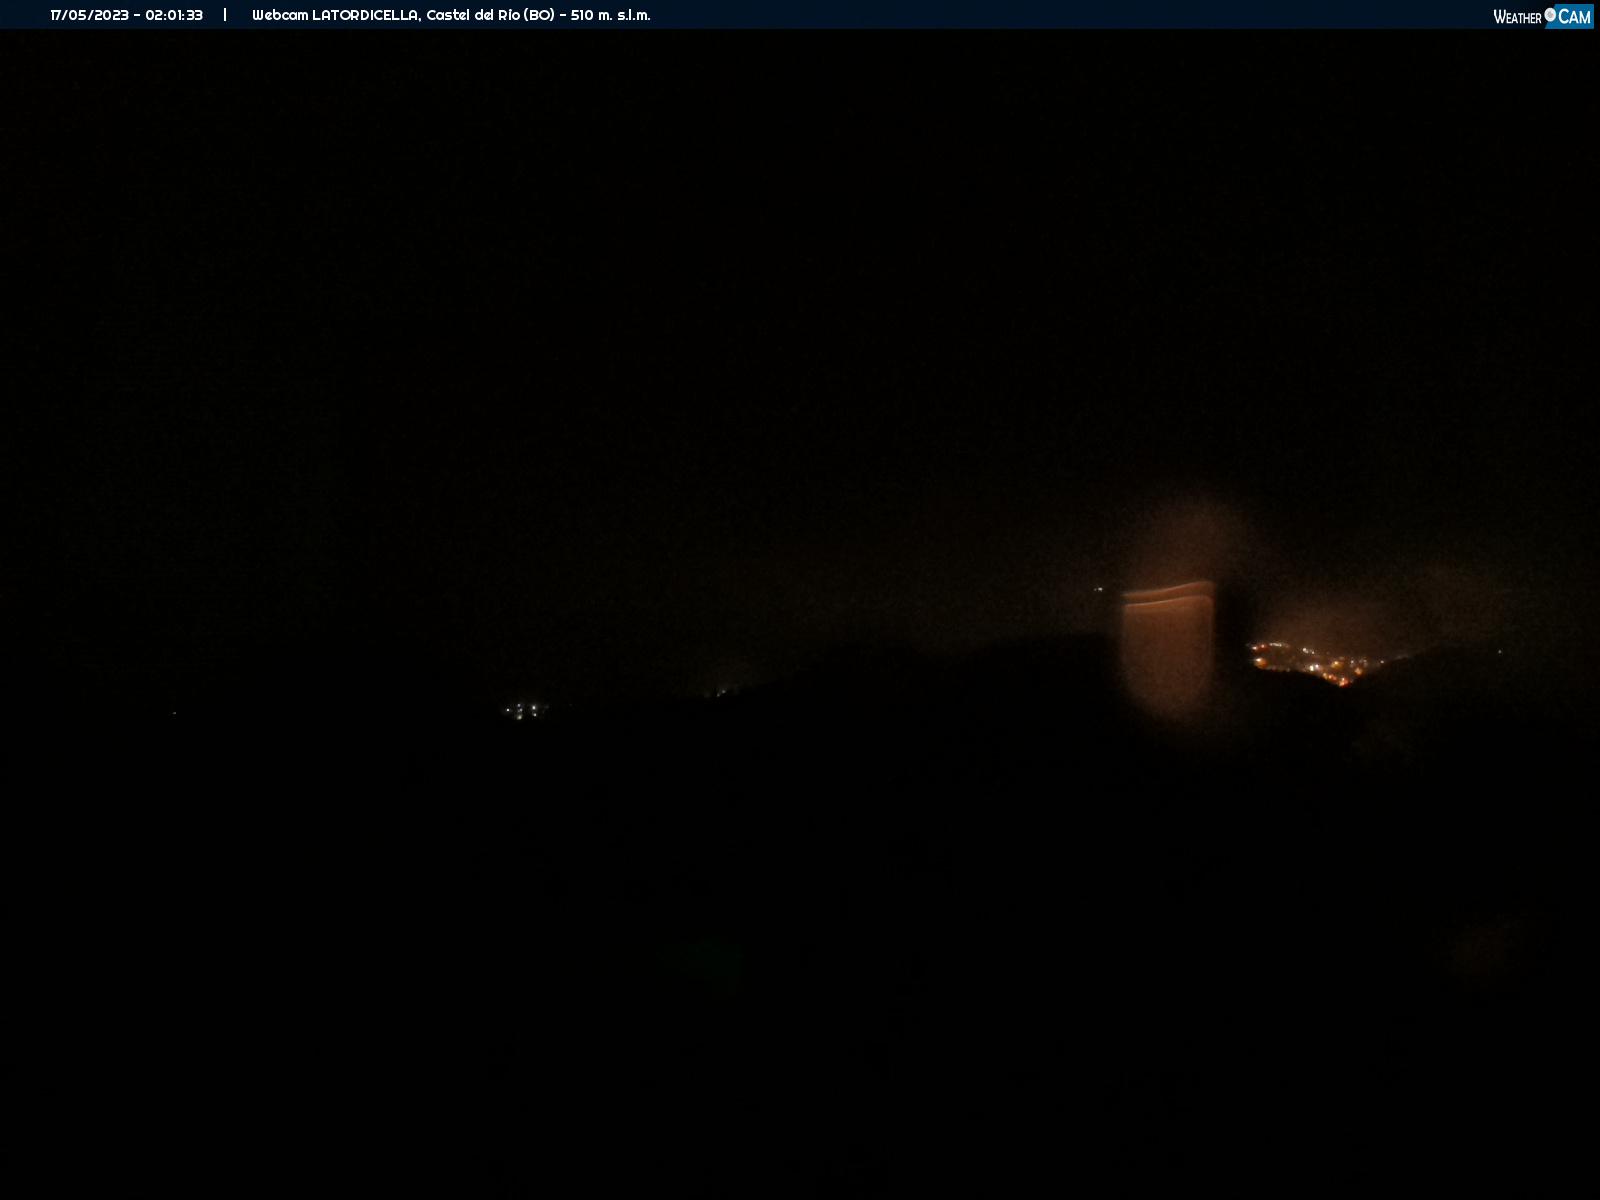 webcam castel del rio